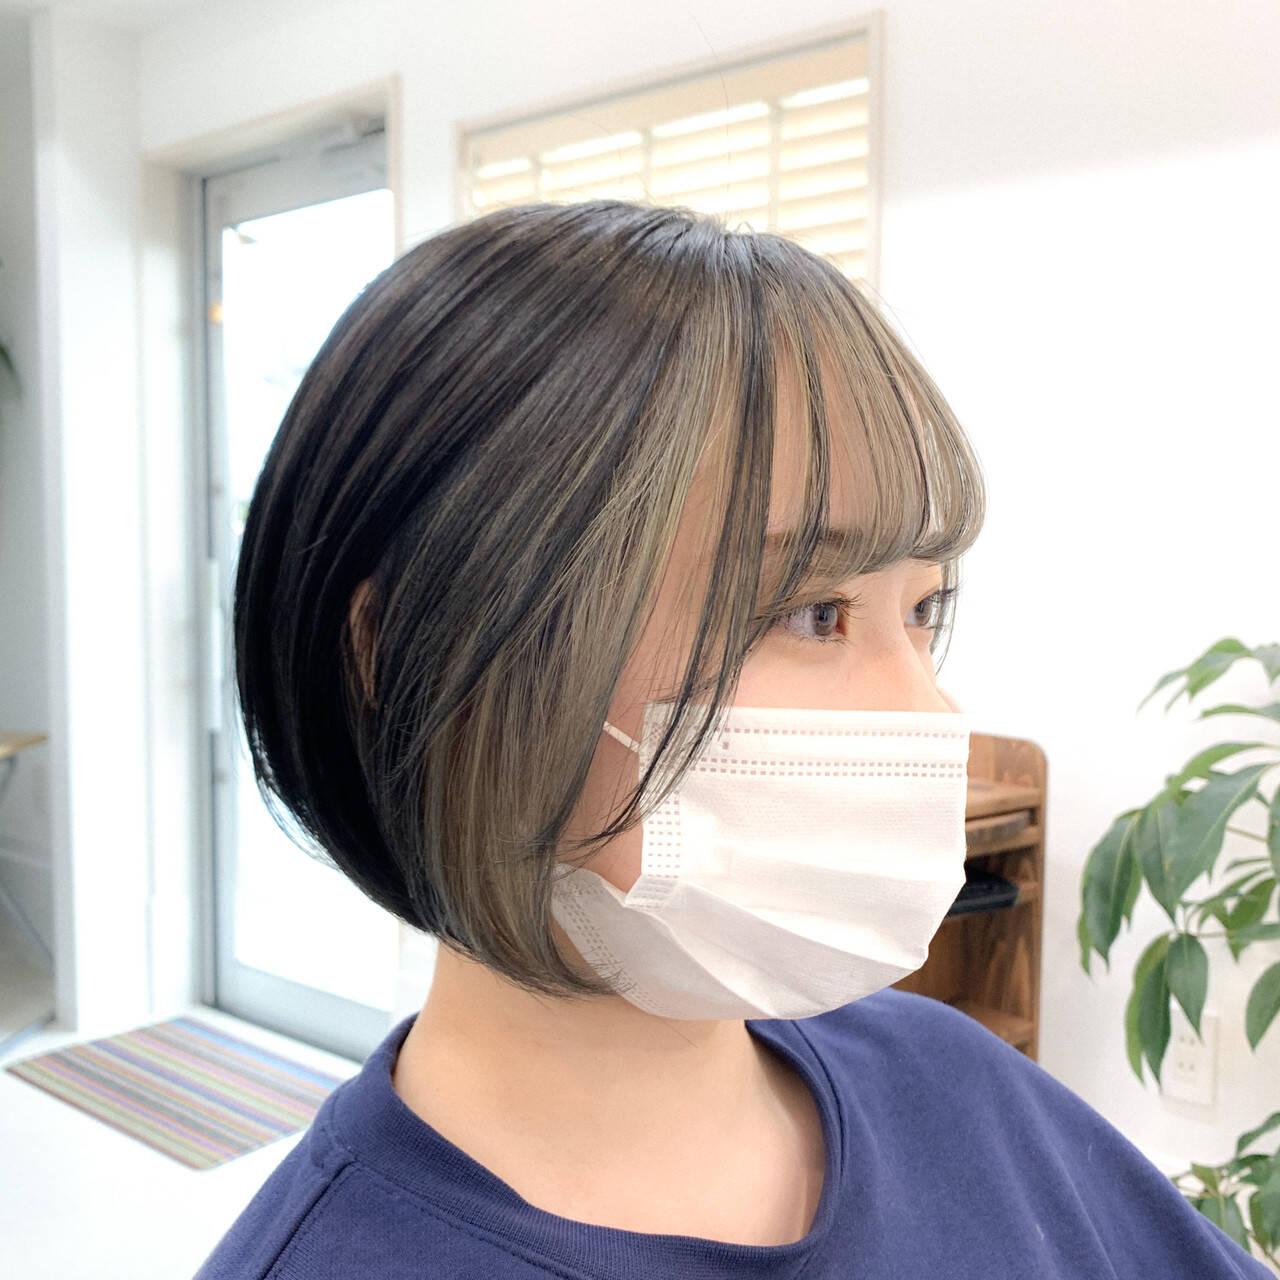 ナチュラル 簡単スタイリング アンニュイ アンニュイほつれヘアヘアスタイルや髪型の写真・画像